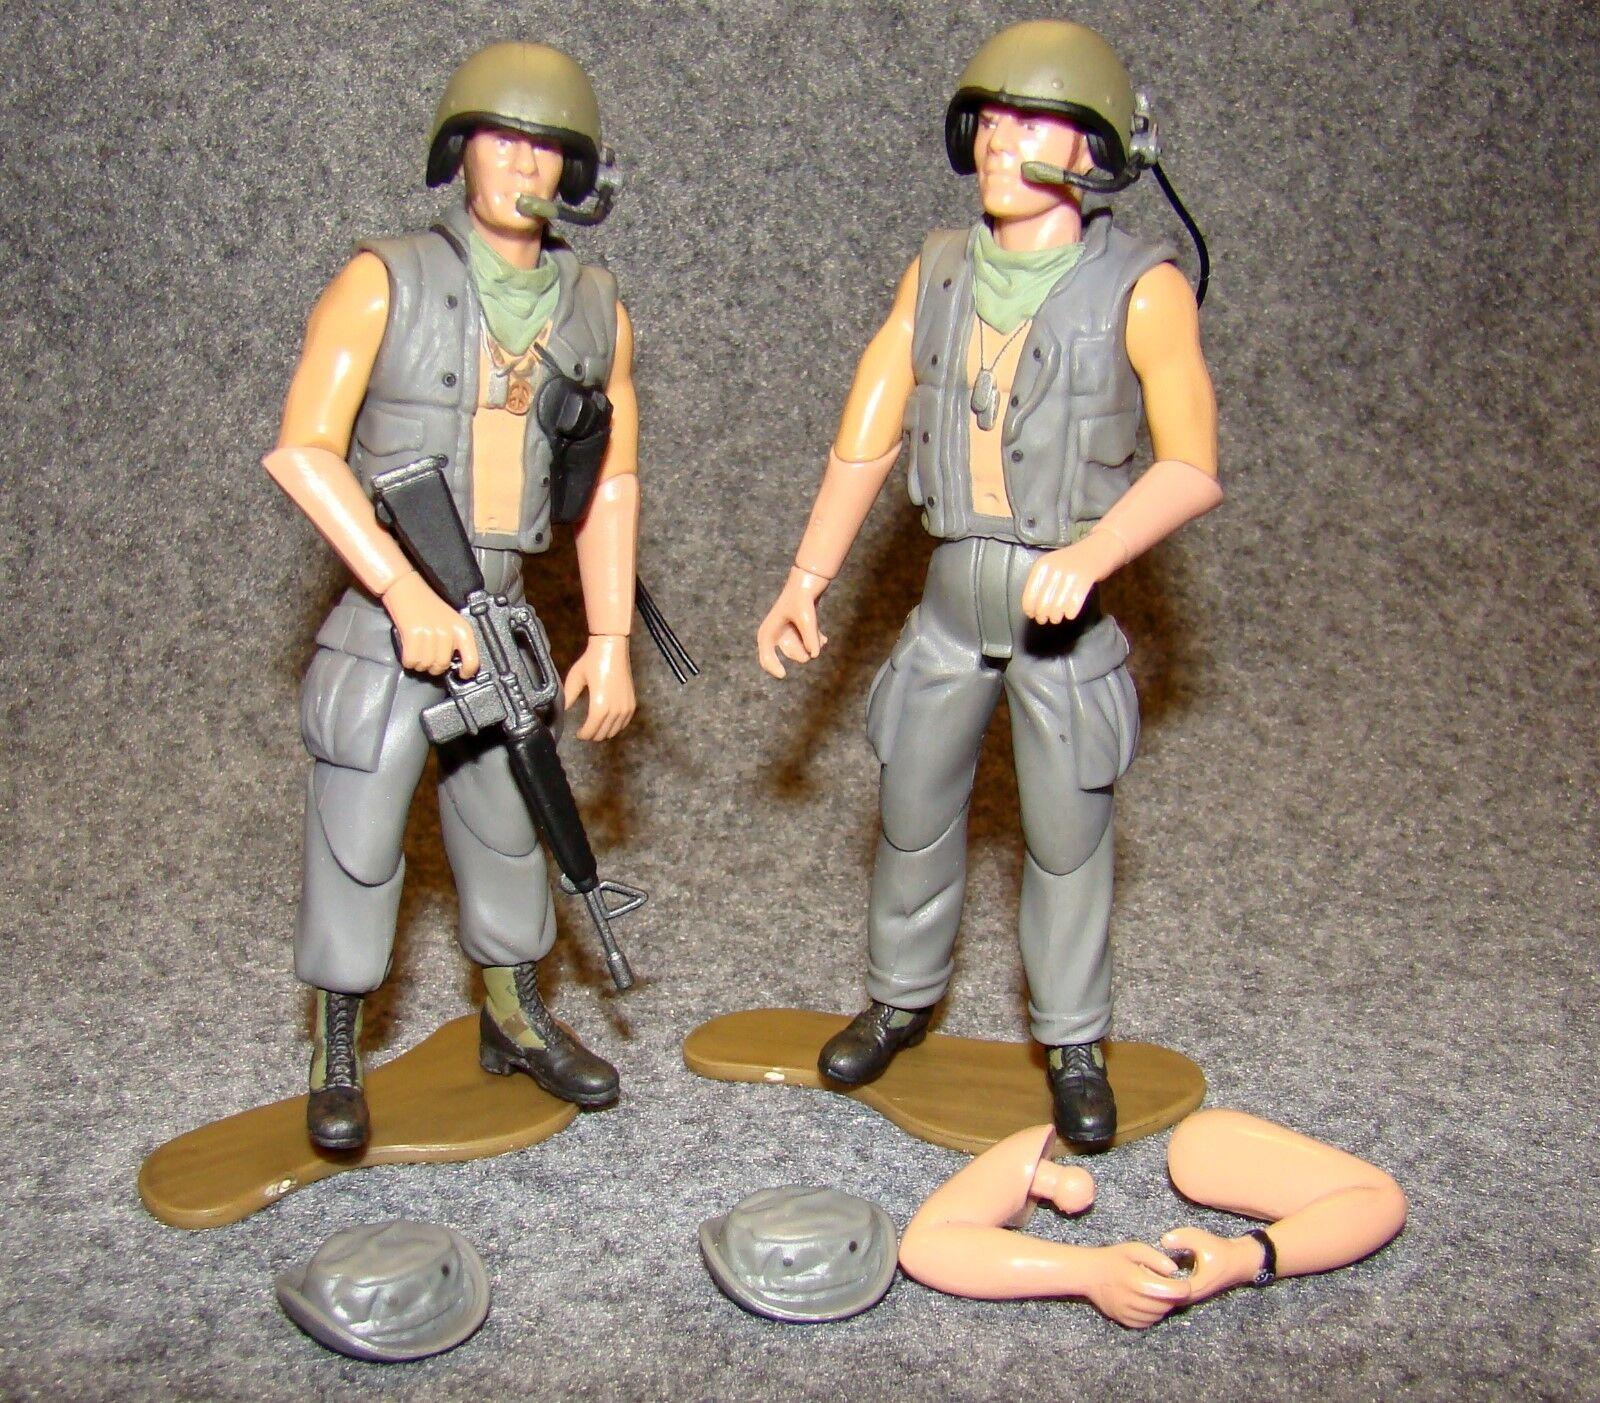 1:18 Ultimate Soldier U.S Vietnam Helicopter Pilot Tank Crew Gunner Figure Set